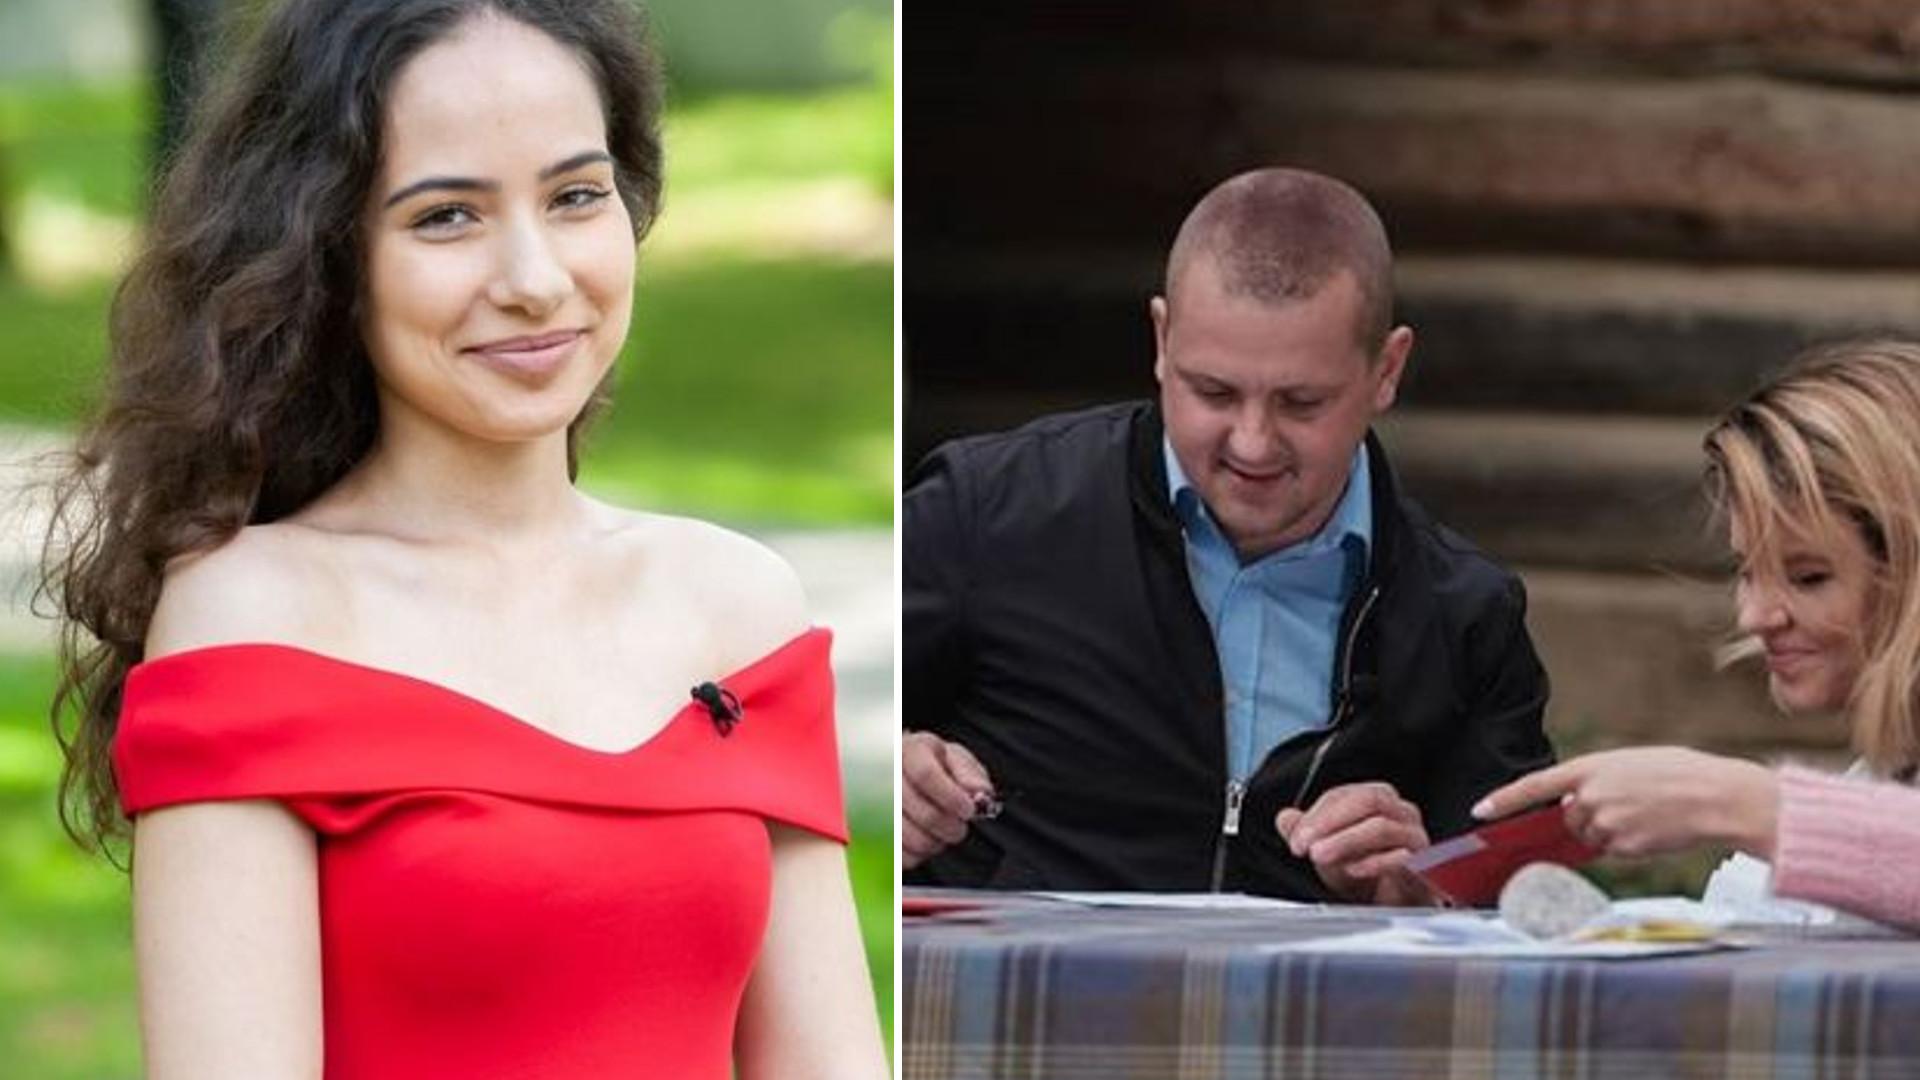 22-letnia Marlena z Rolnik szuka żony oczarowała Seweryna, internauci: W takim wieku trzeba korzystać z życia! Gdzie ona na wieś?